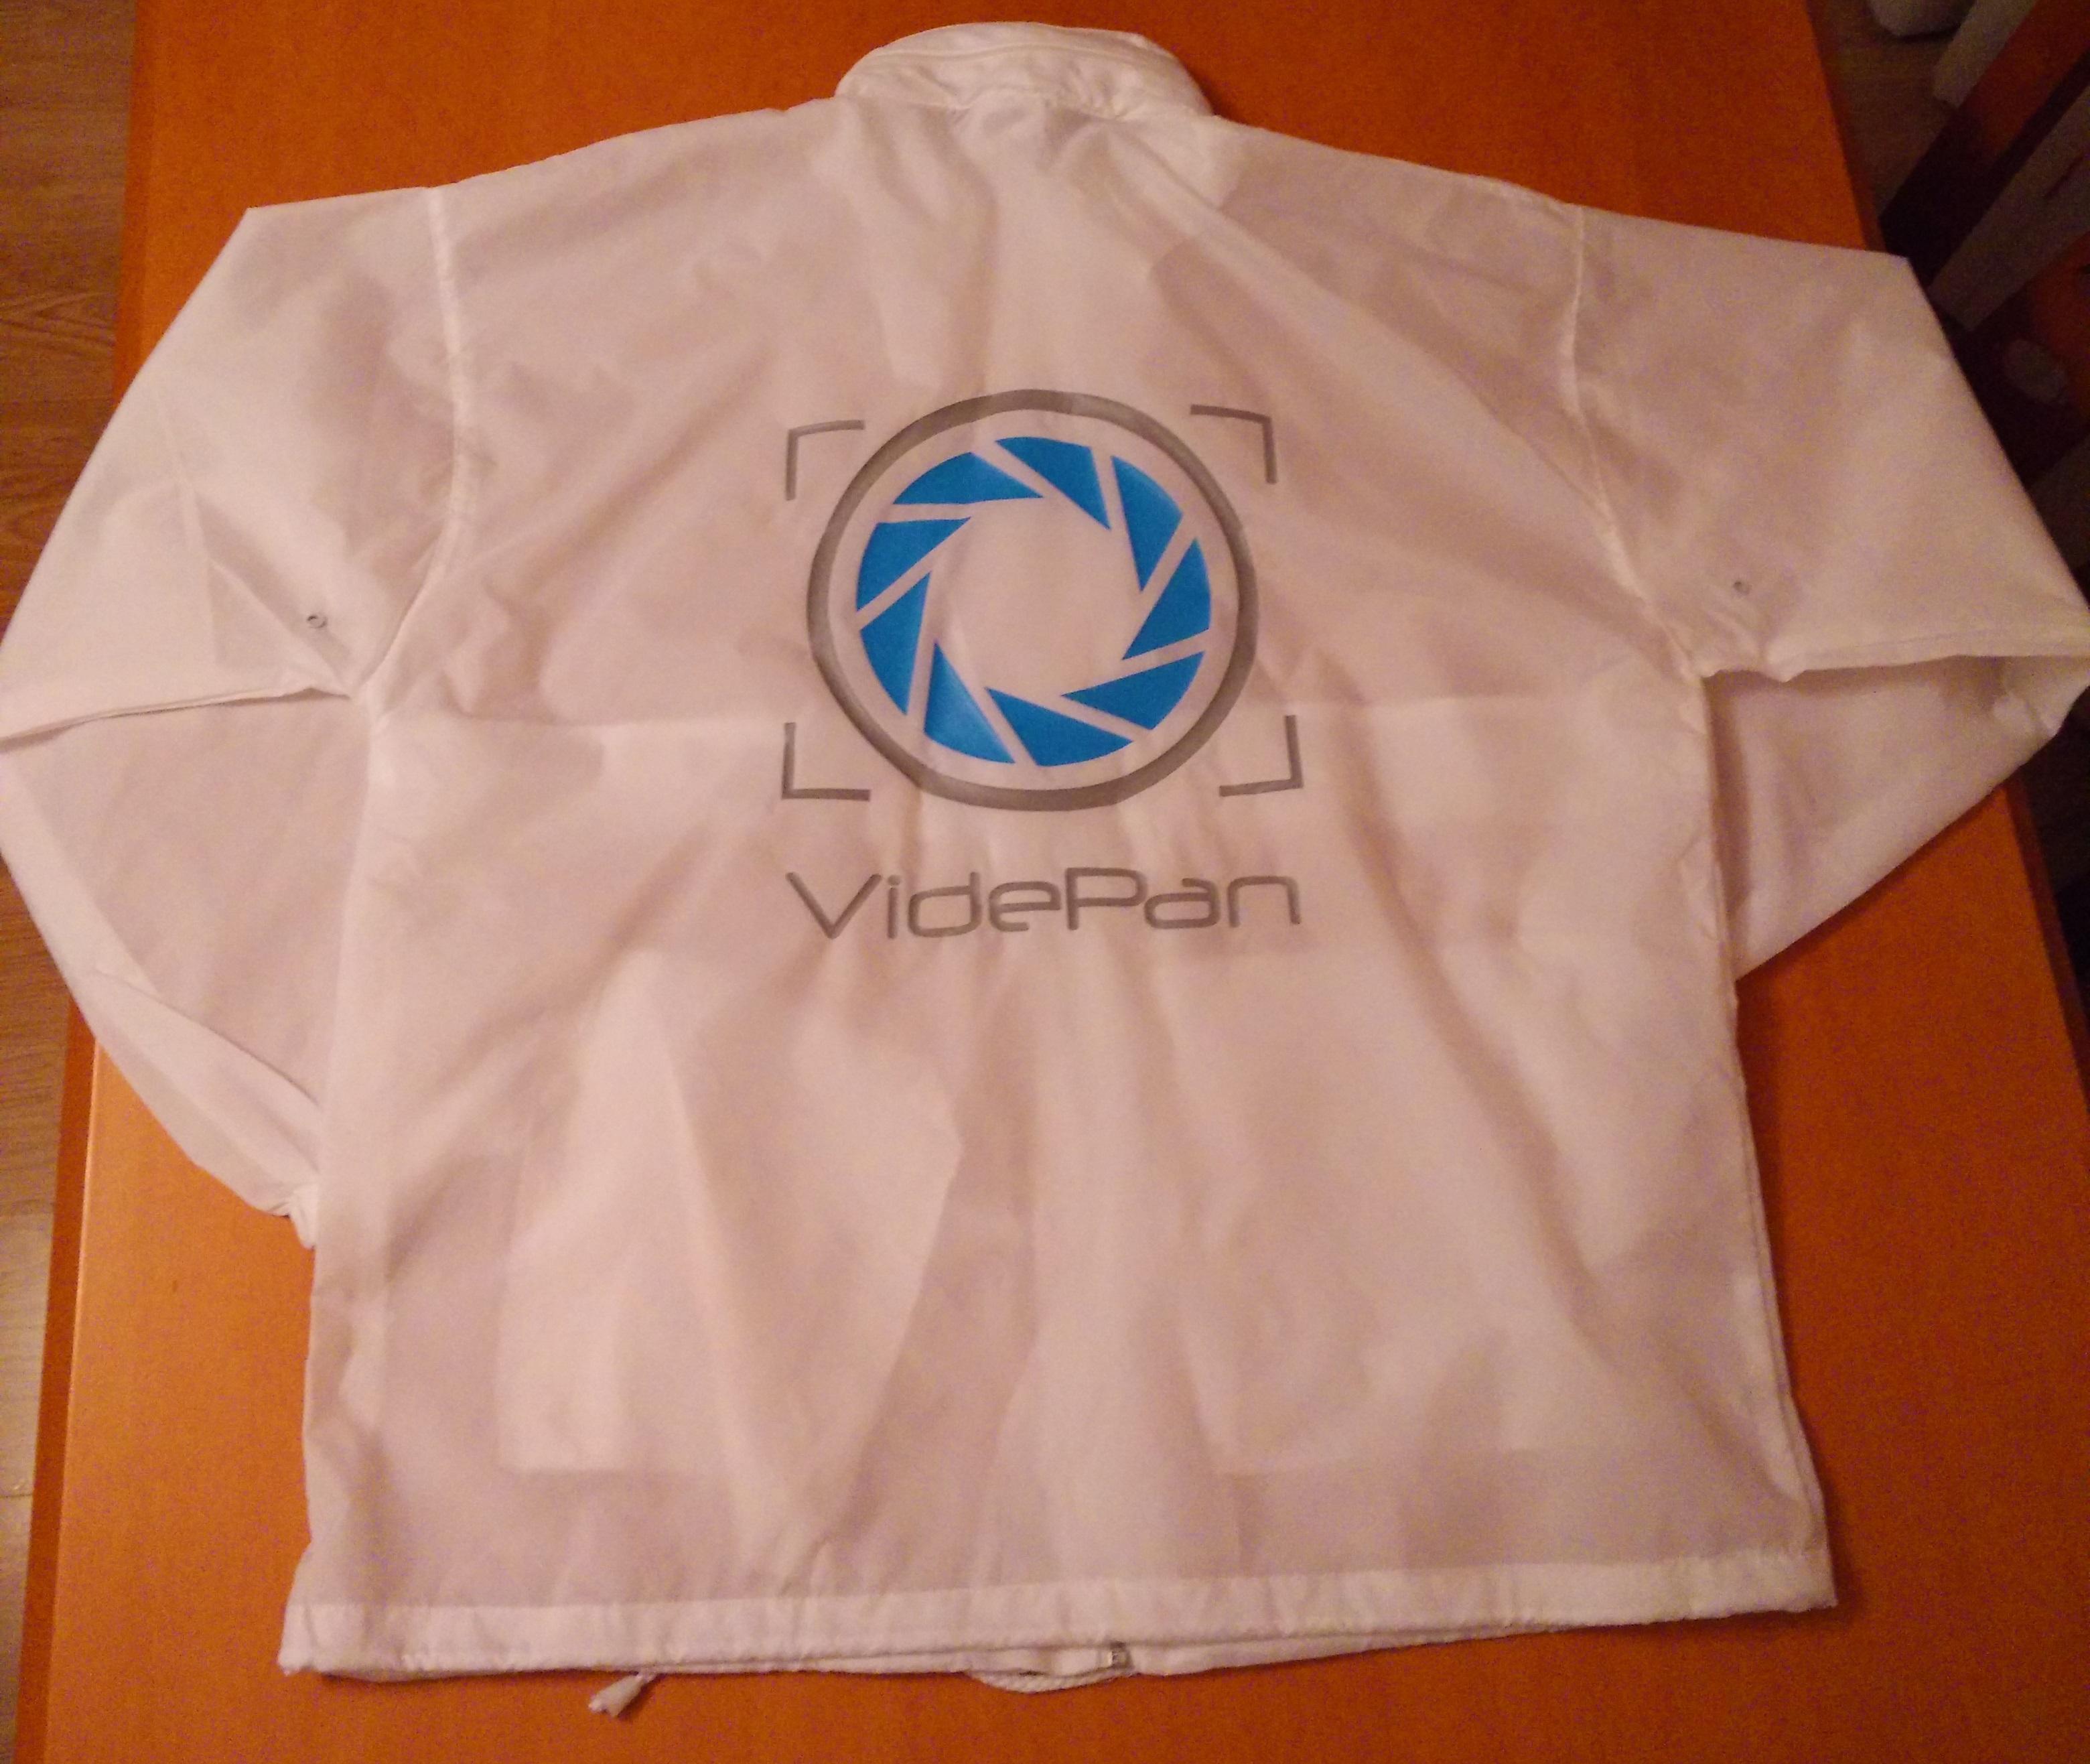 #VidePan ya está preparada para el invierno